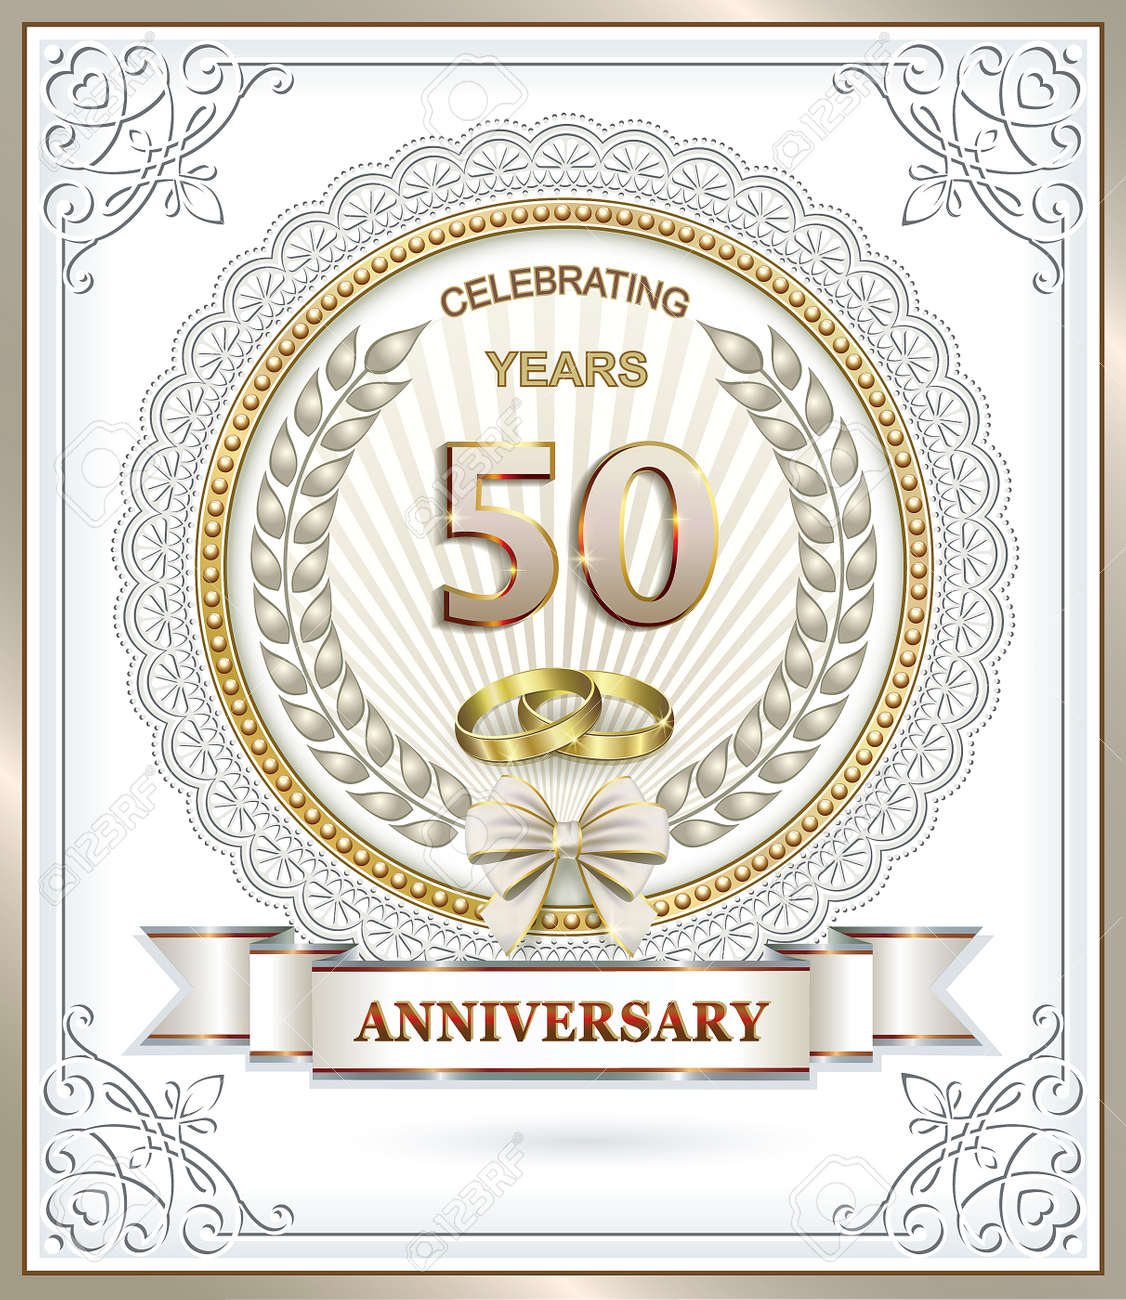 Anniversaire De Mariage De 50 Ans Avec Les Anneaux Dans Le Cadre Dun Tour Ajourée